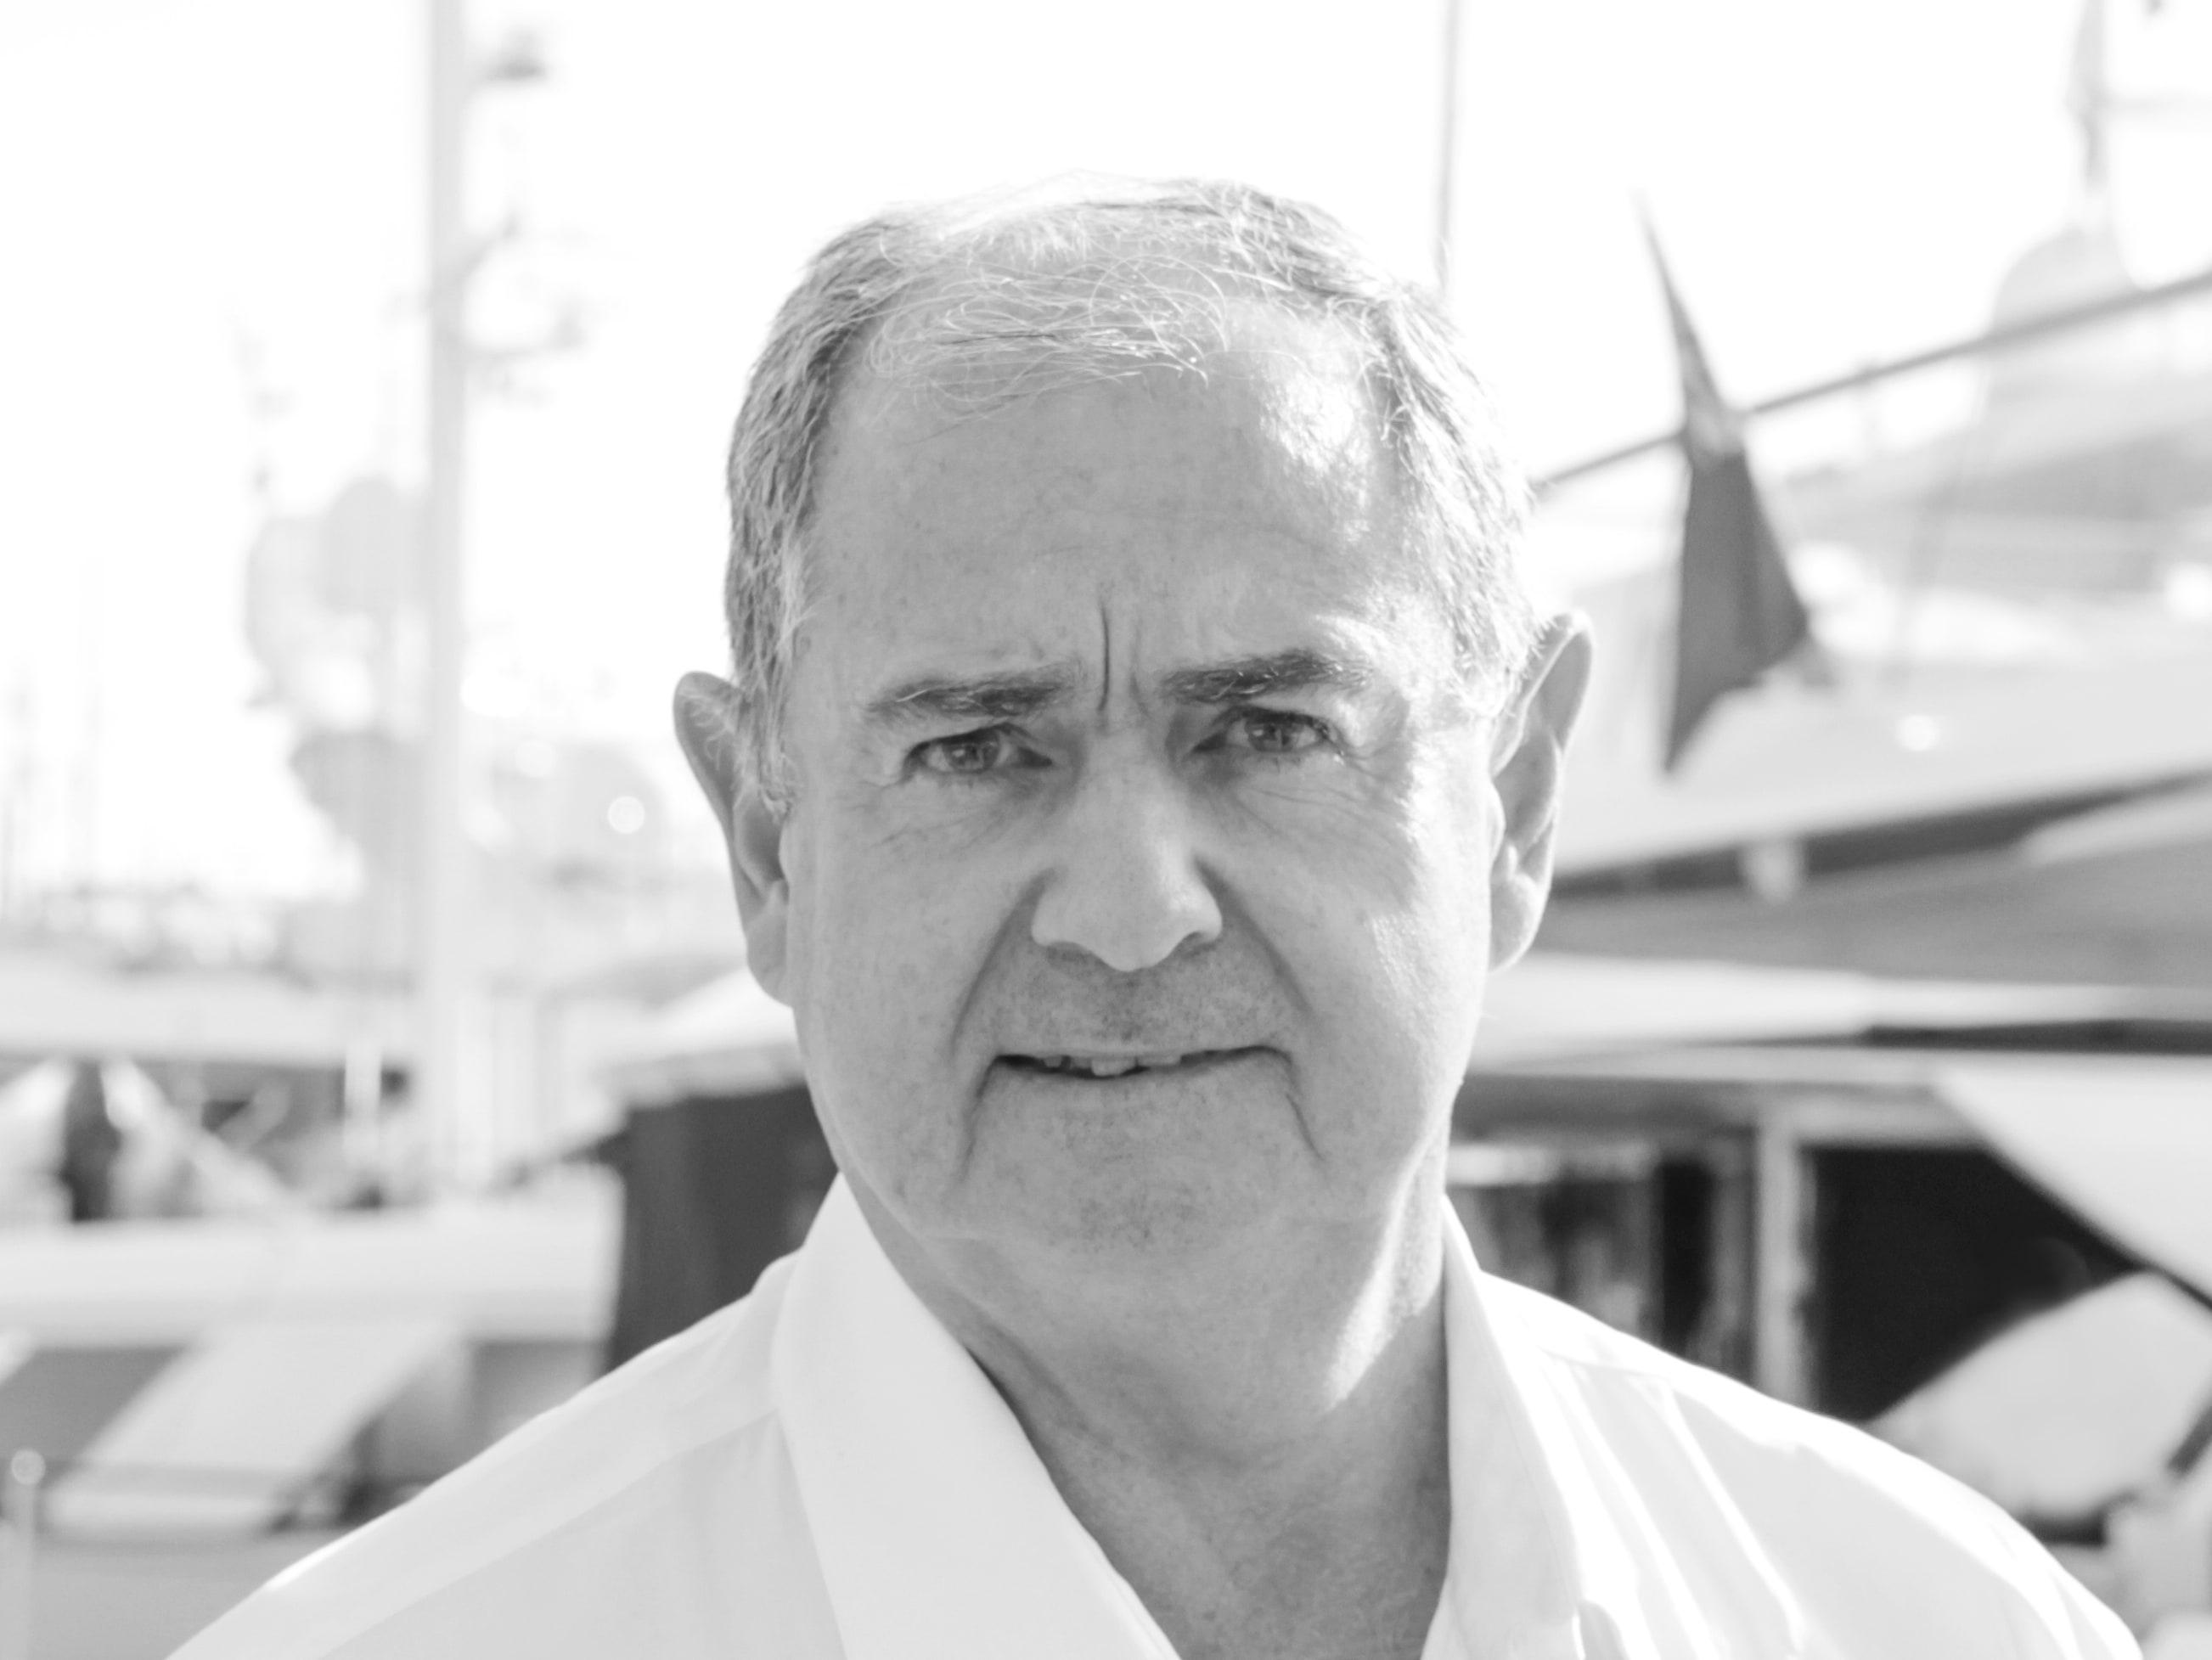 Portrait of Gianluca (Lillo) Mazzetti